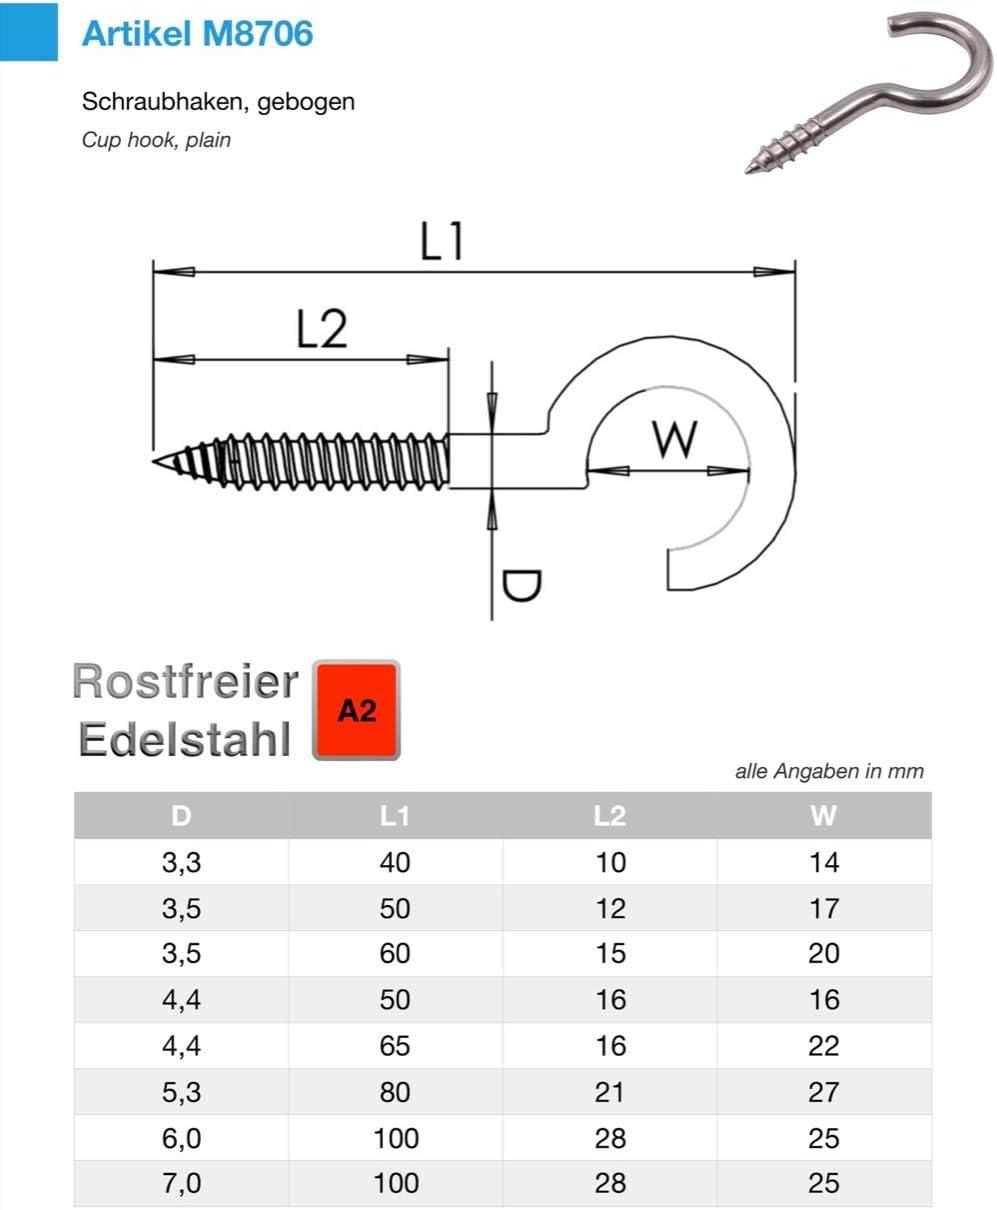 10 St/ück 3.3 x 40 mm Schraubhaken Edelstahl V2A Inox Hakenschrauben Holzgewinde W/äscheleine